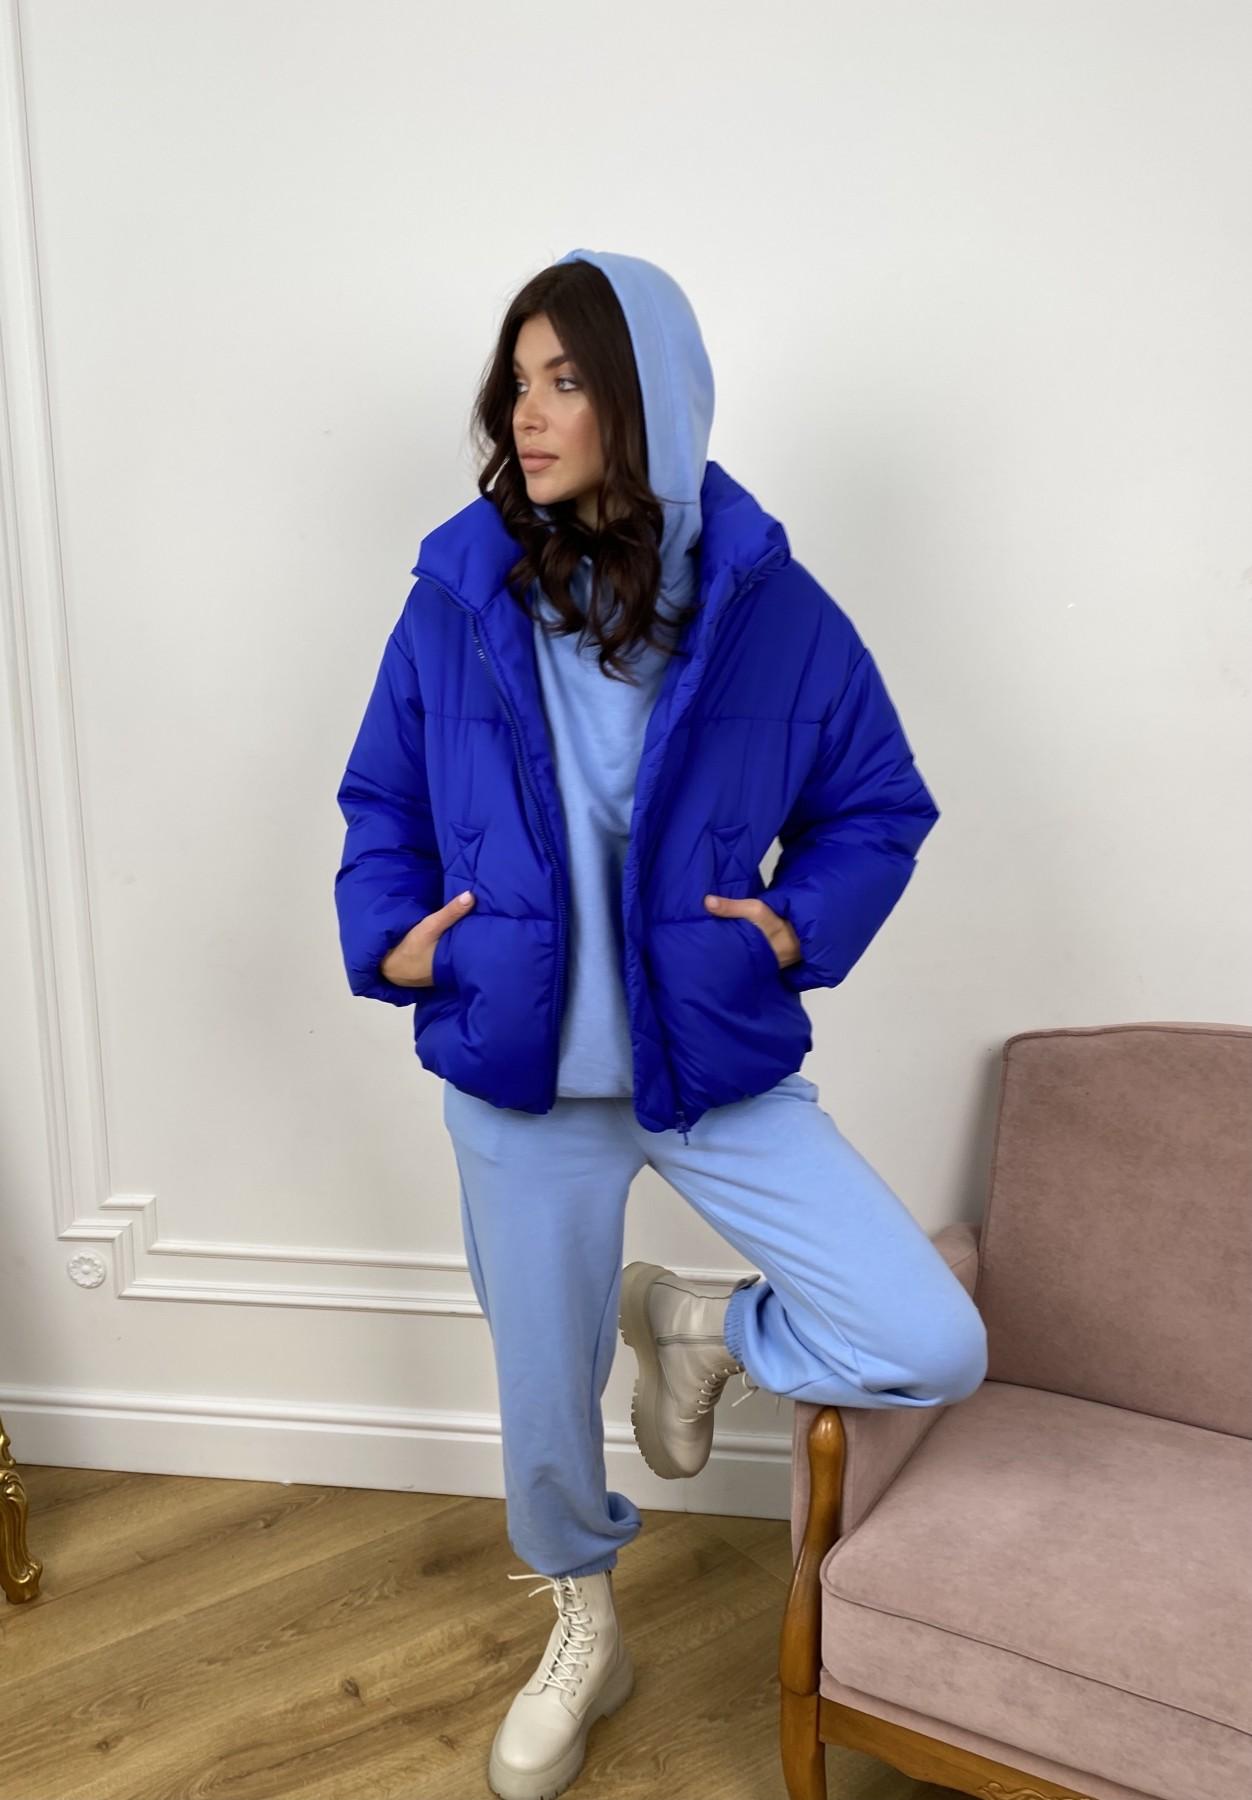 Нокс куртка из плащевой ткани 10535 АРТ. 46881 Цвет: Электрик 1052 - фото 7, интернет магазин tm-modus.ru